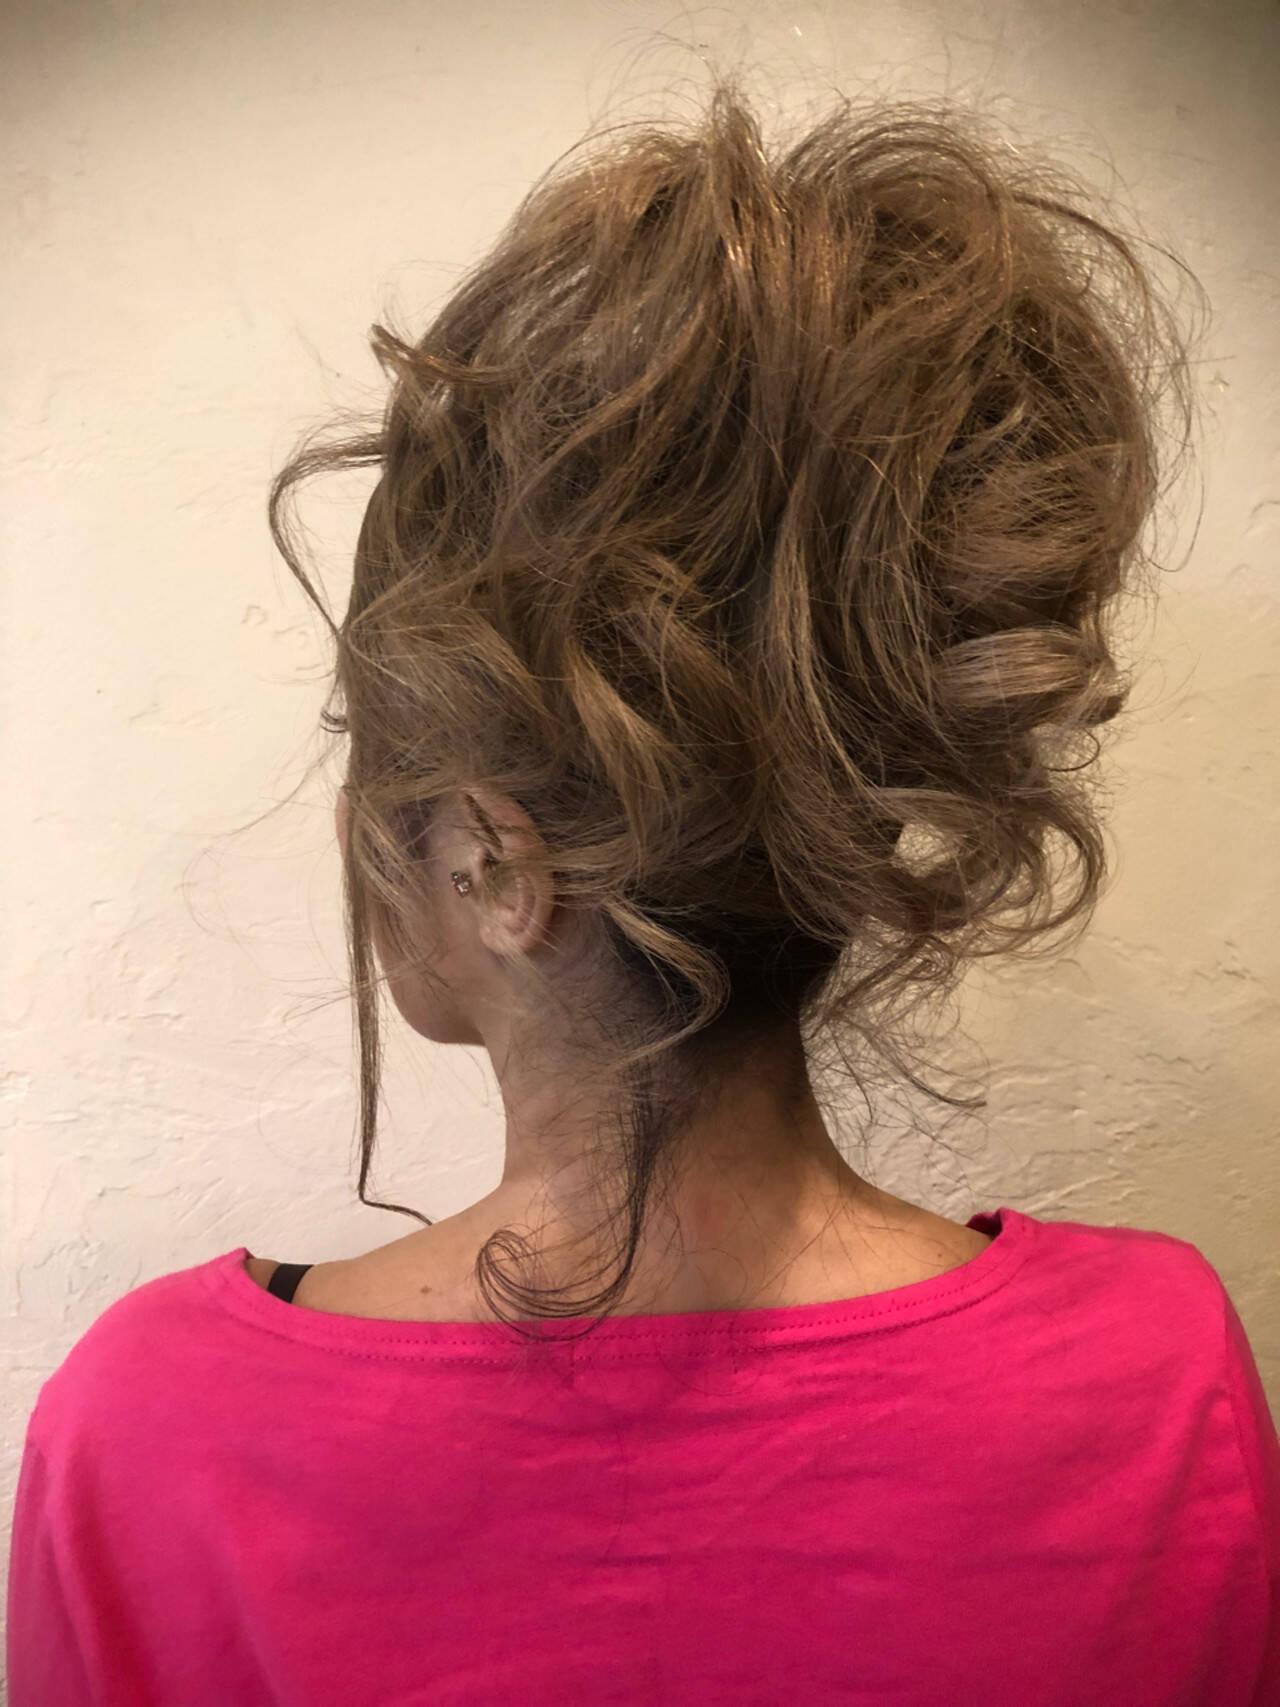 ヘアアレンジ 上品 ロング パーティヘアスタイルや髪型の写真・画像